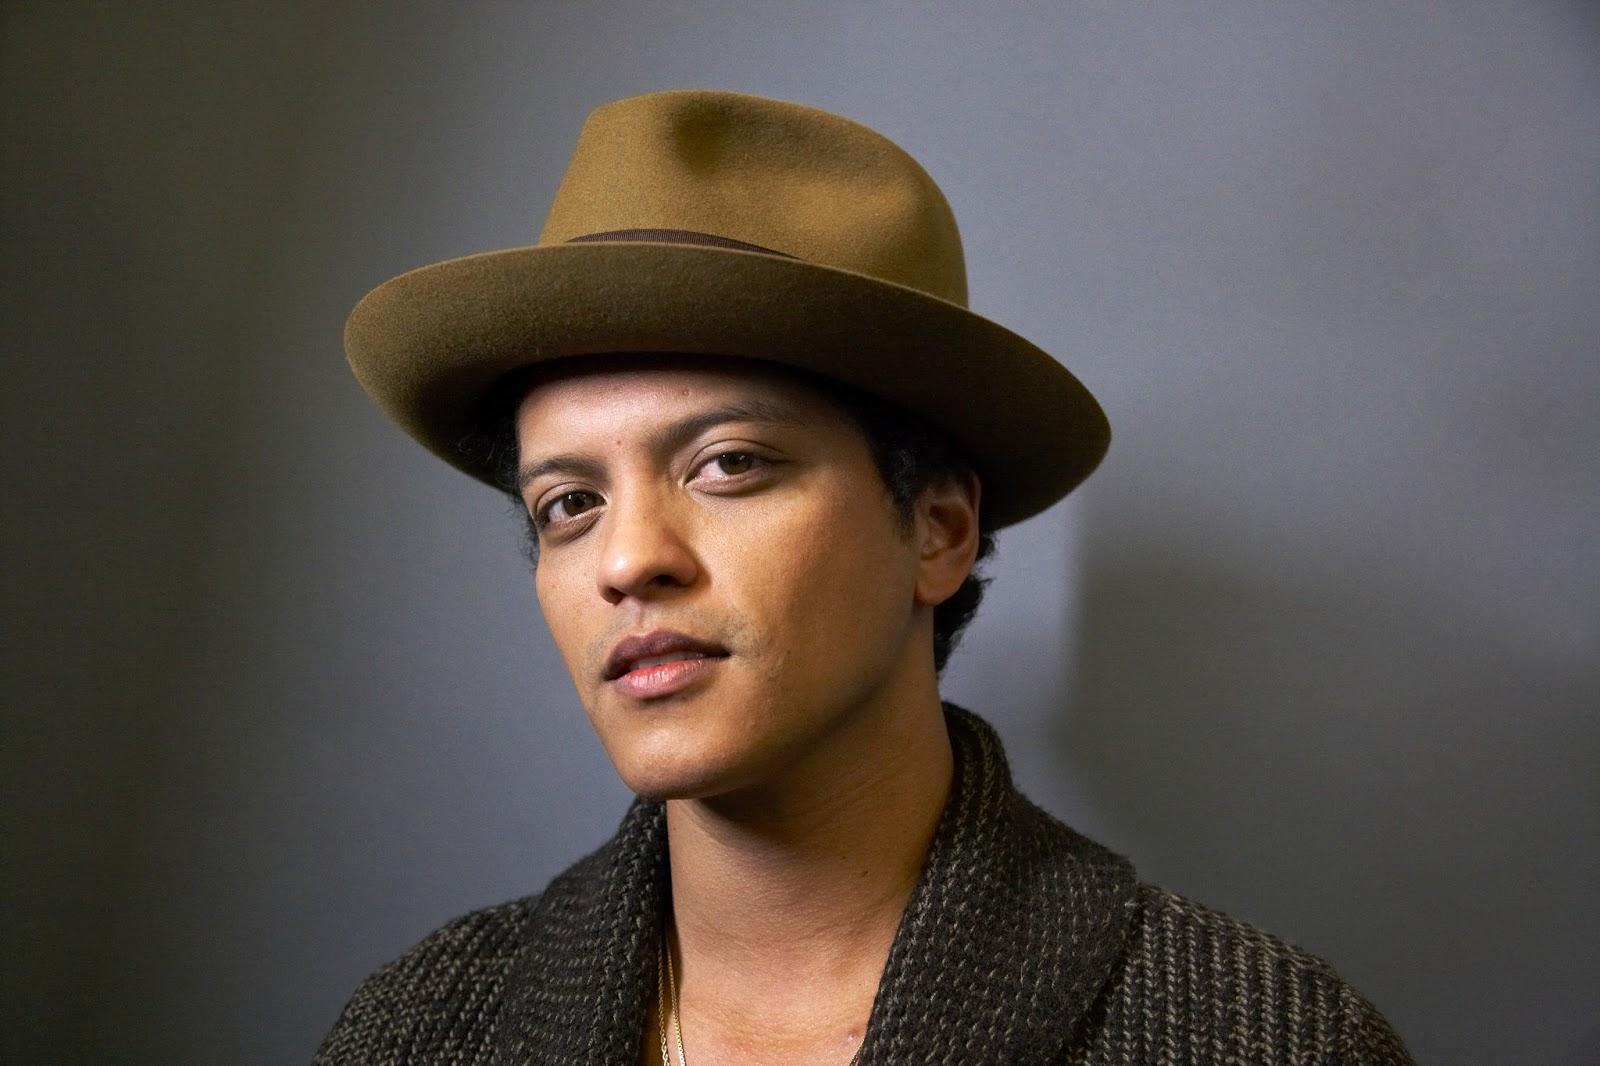 Bruno Mars agota boletos para su show en Chile en siete horas